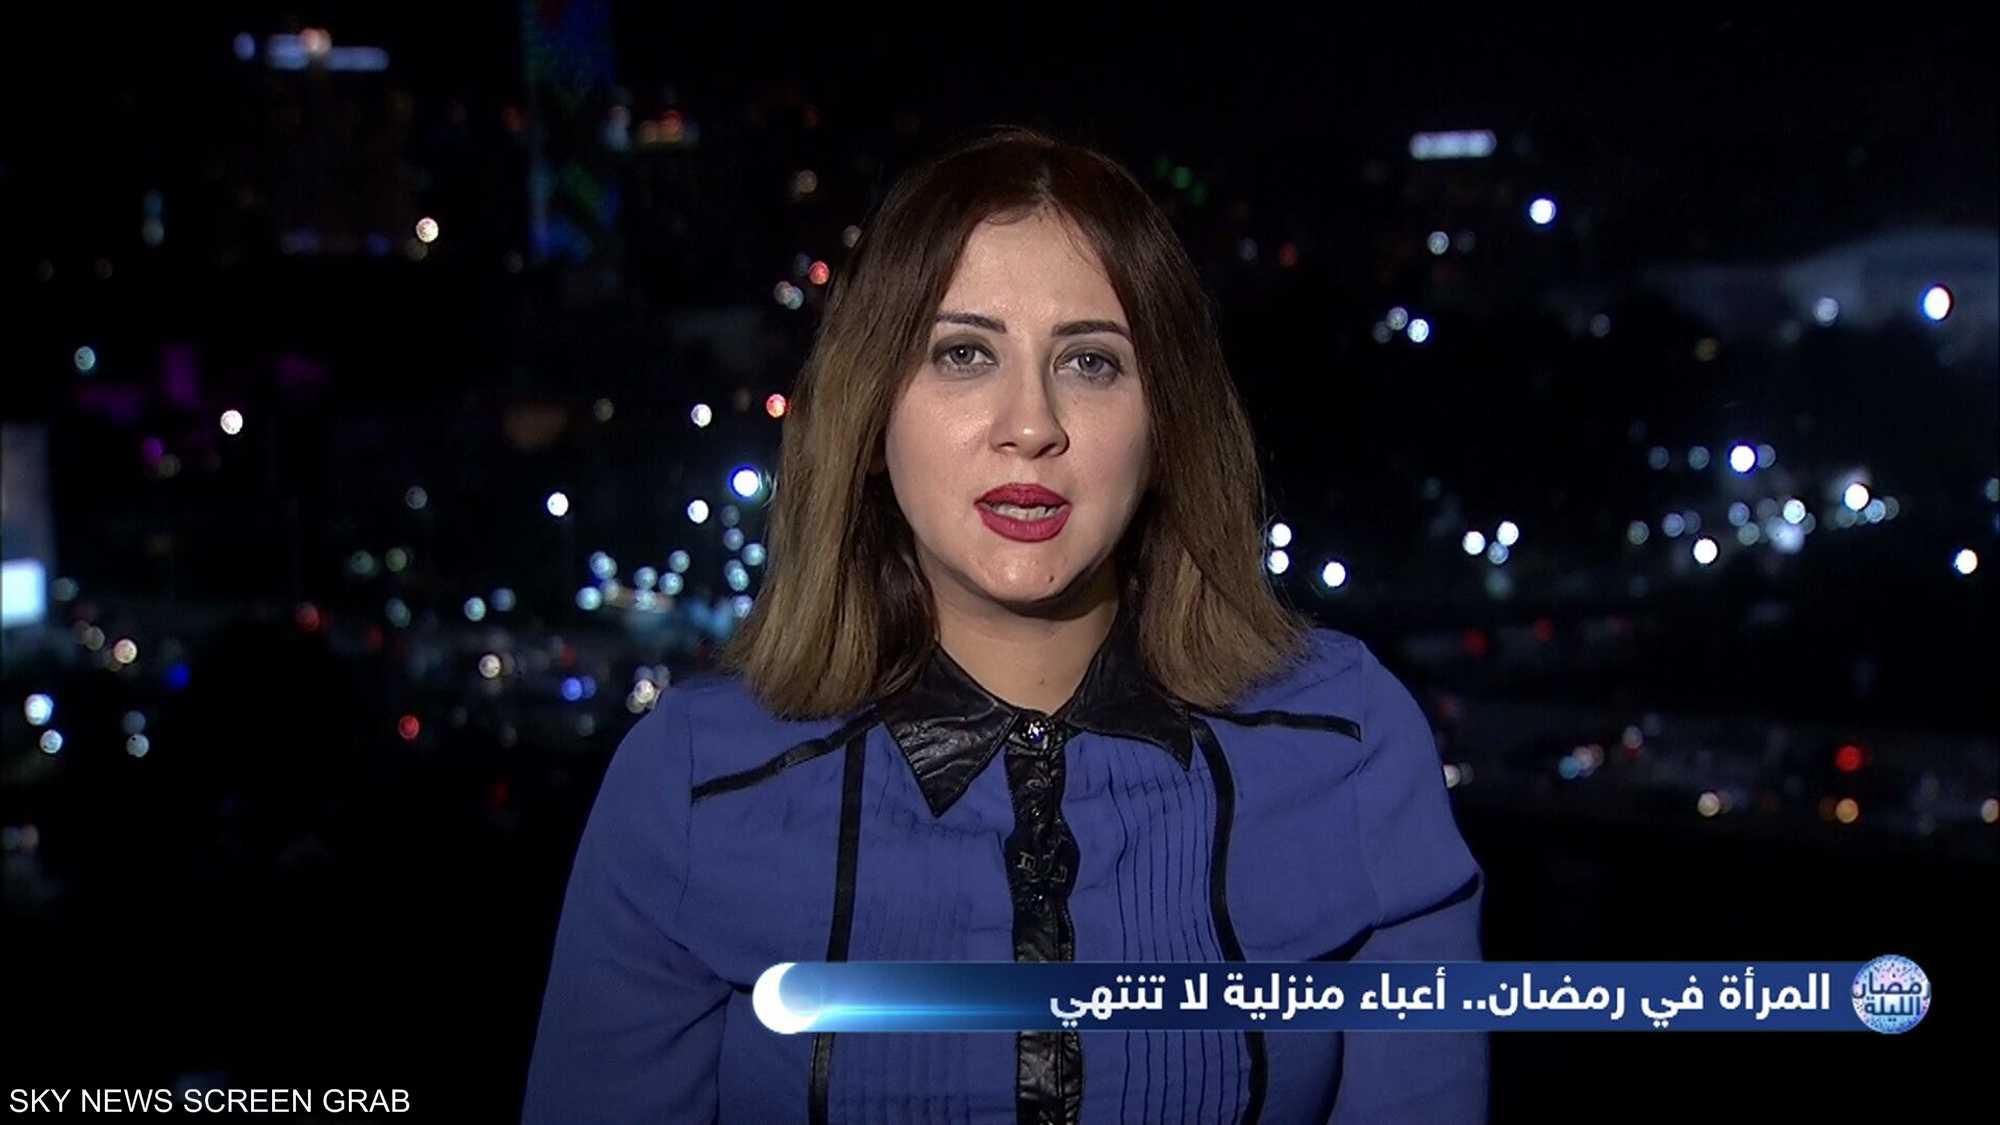 المرأة.. بطلة كل عائلة في رمضان